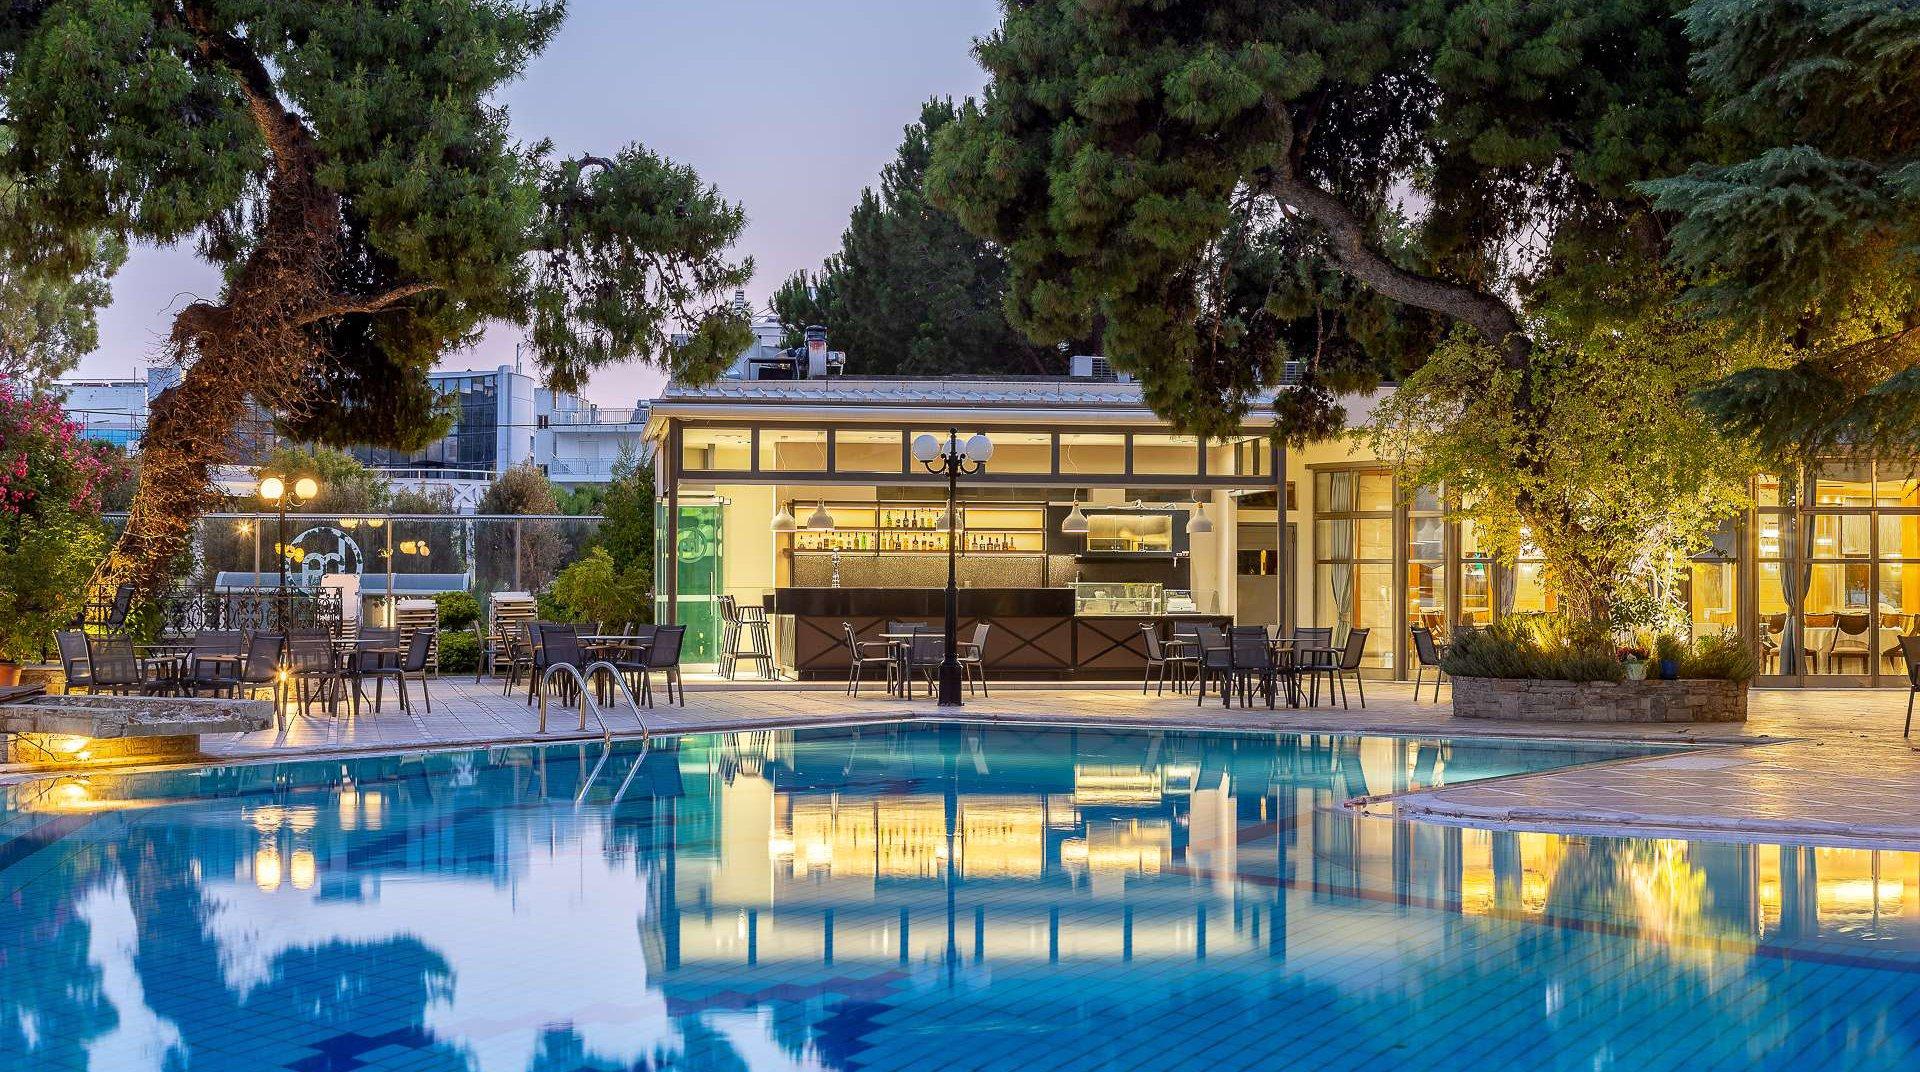 Το pool bar μας κατά τη νύχτα με την πισίνα